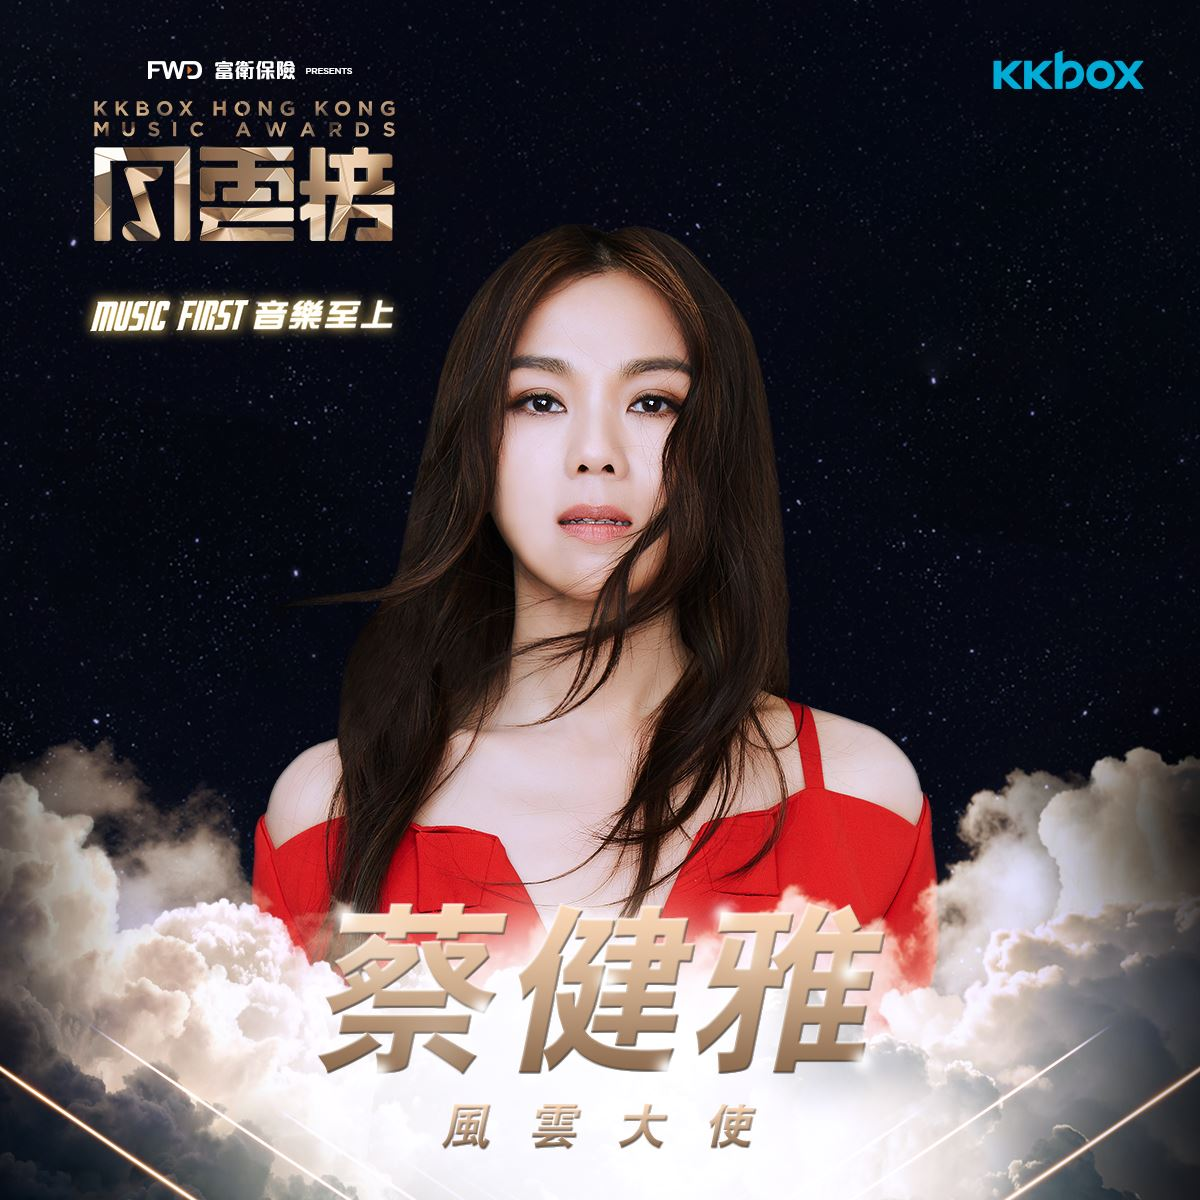 kkbox风云榜跨出海外!首届kkbox香港风云榜3月12日震撼登场